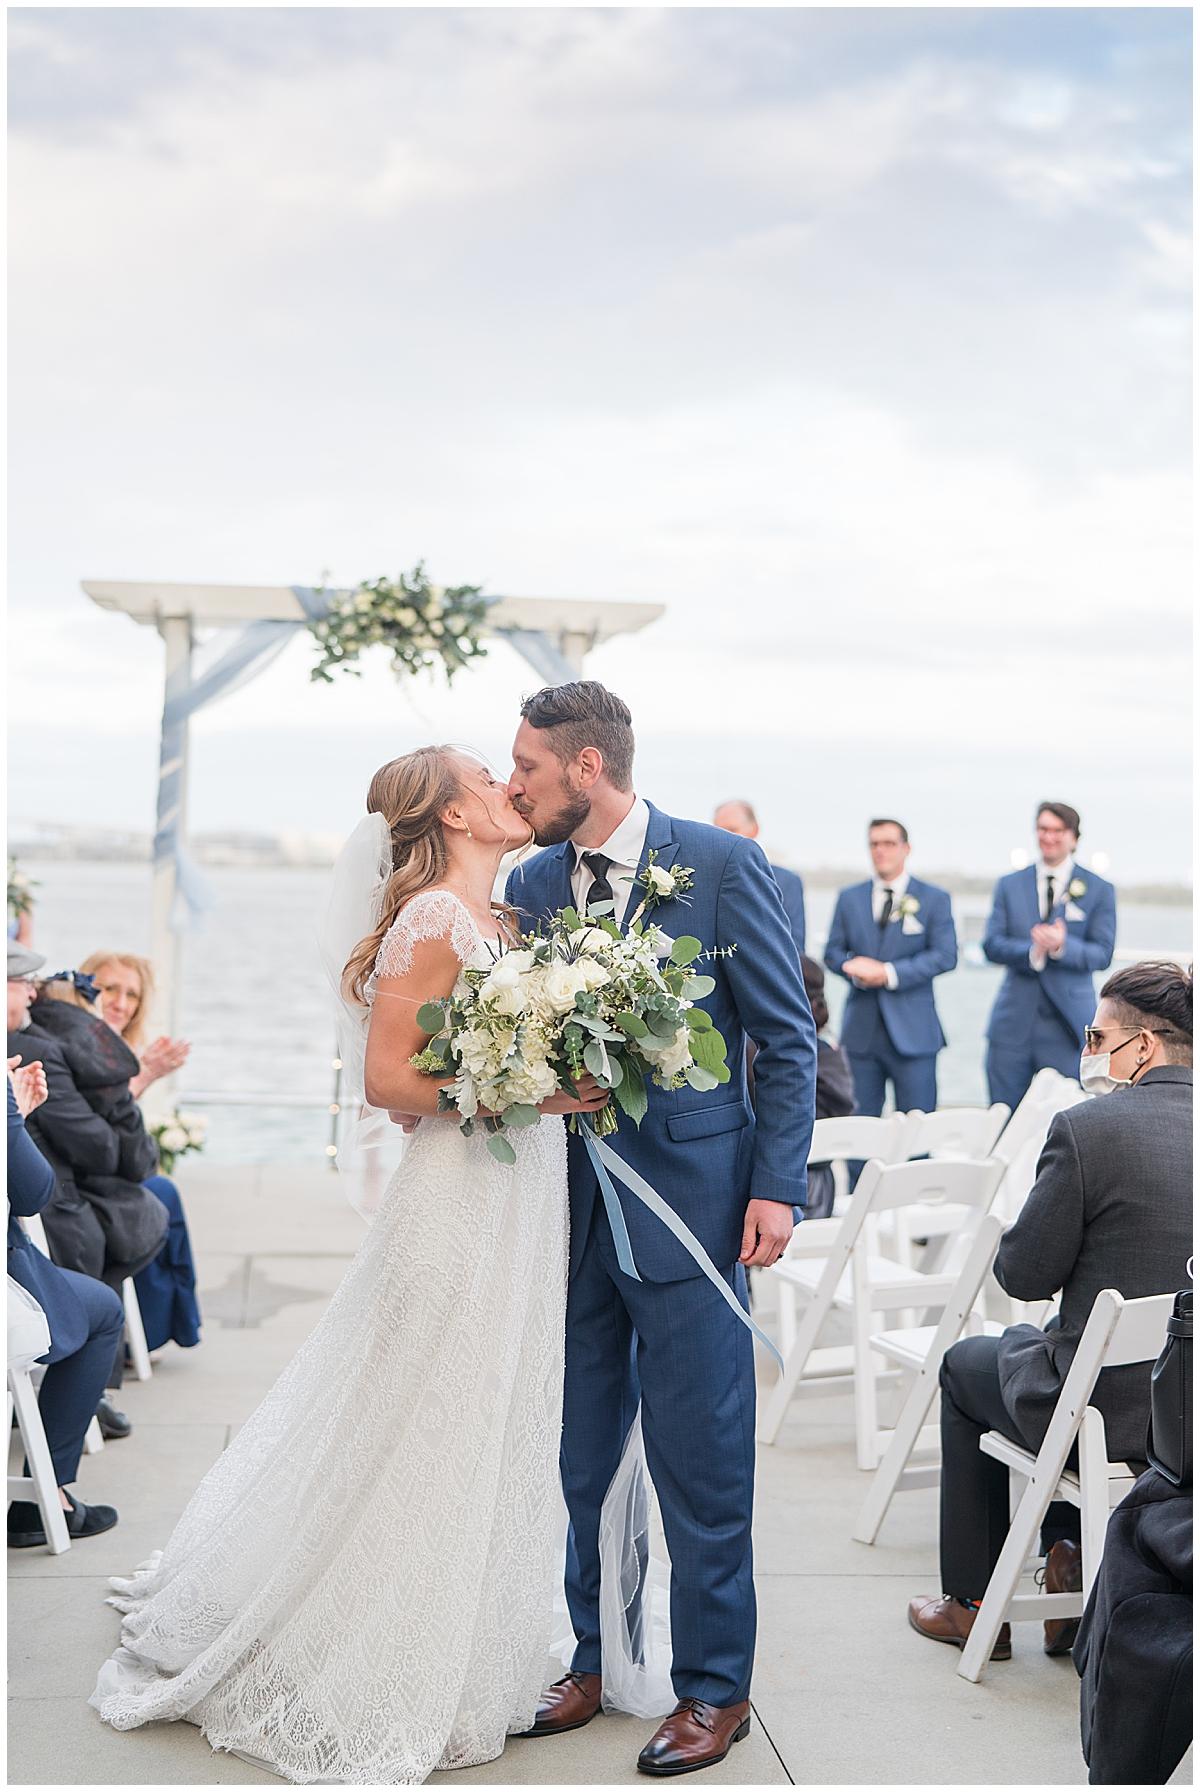 newlyweds kiss at end of aisle at Charleston Aquarium